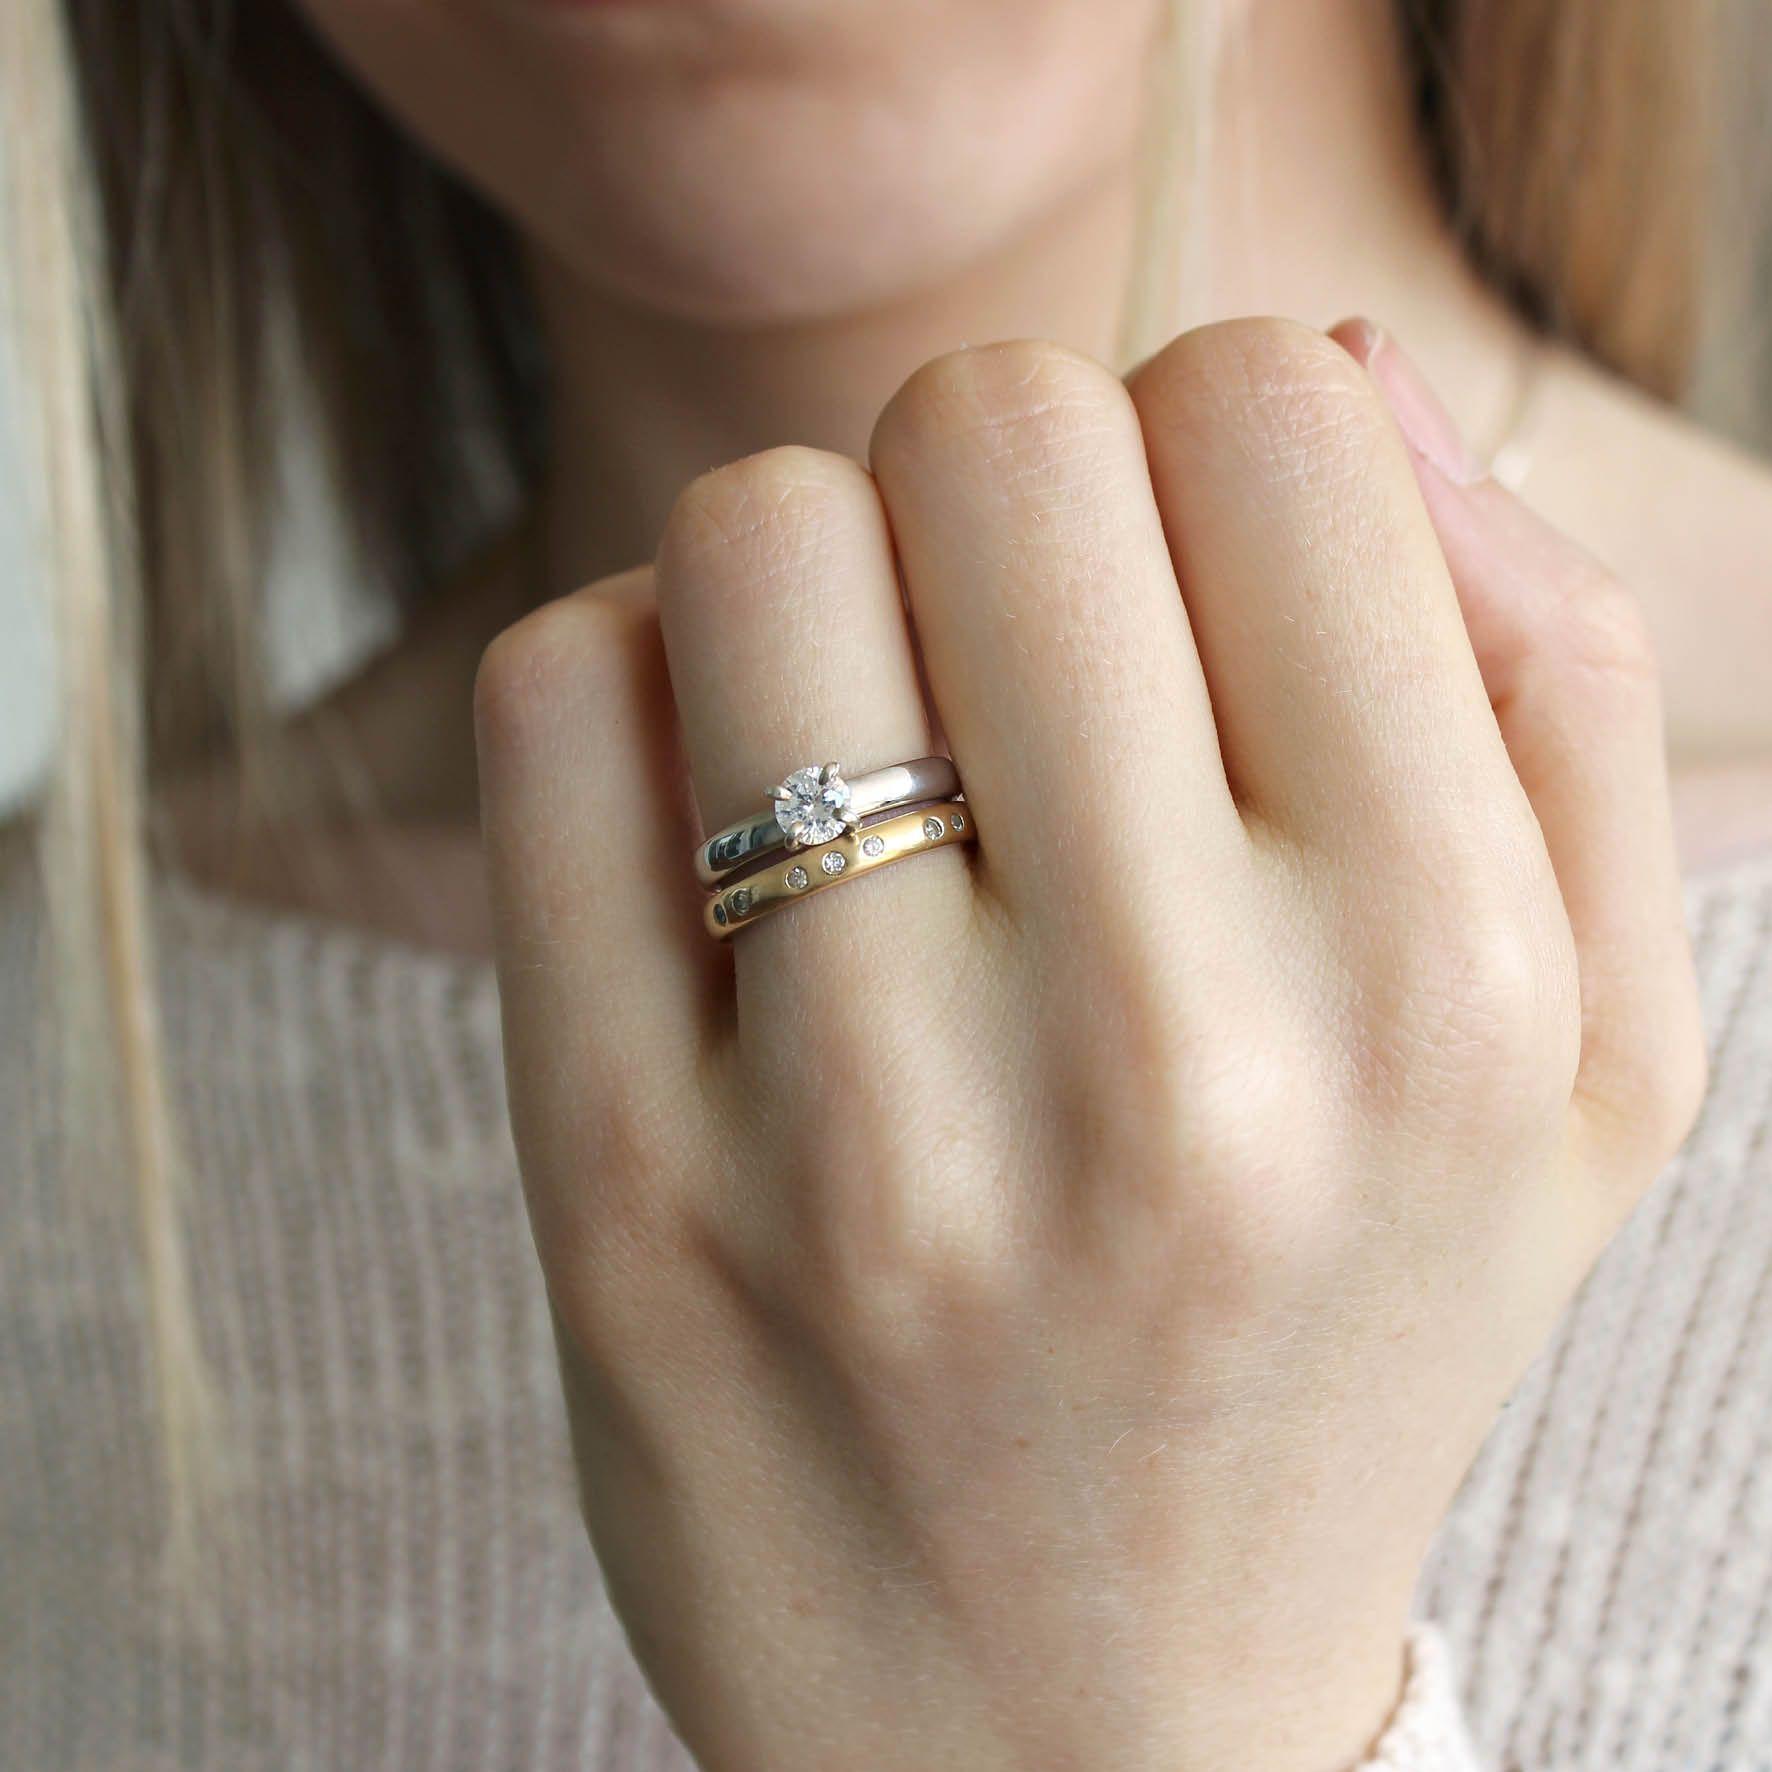 Solitário e aliança. Todas as joias podem ser feitas em prata, ouro  amarelo, ouro rosé e ouro branco. Joalheria artesanal. 9abf5099f2